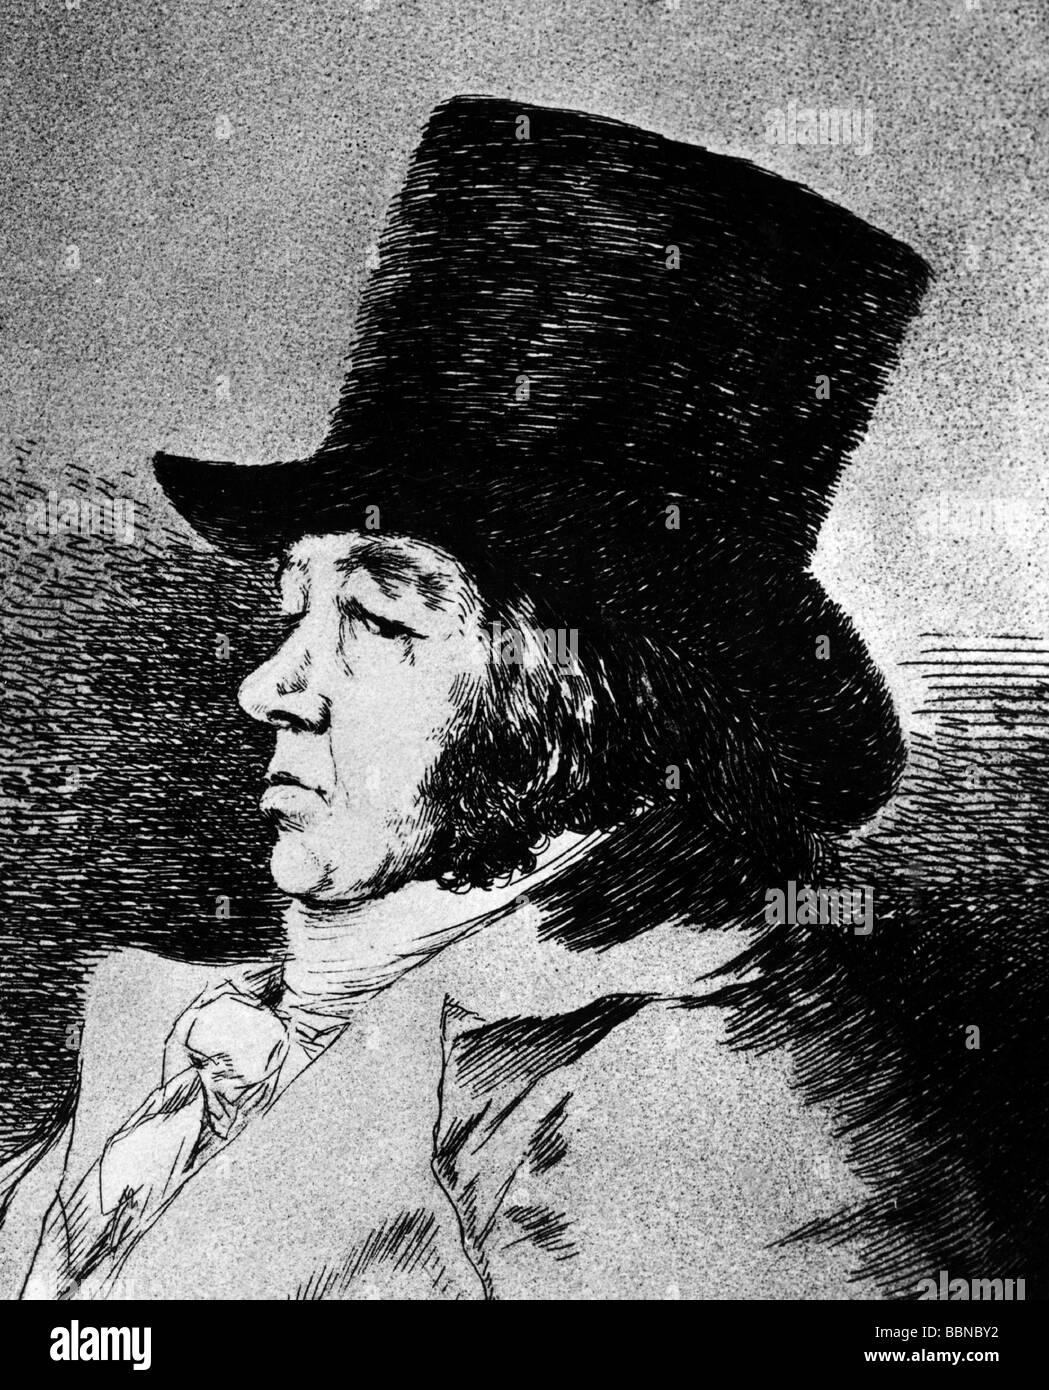 Goya y Lucientes, Francisco de, 30.3.1746 - 16.4.1828, pintor español, autorretrato, cara lateral, grabado, Foto de stock